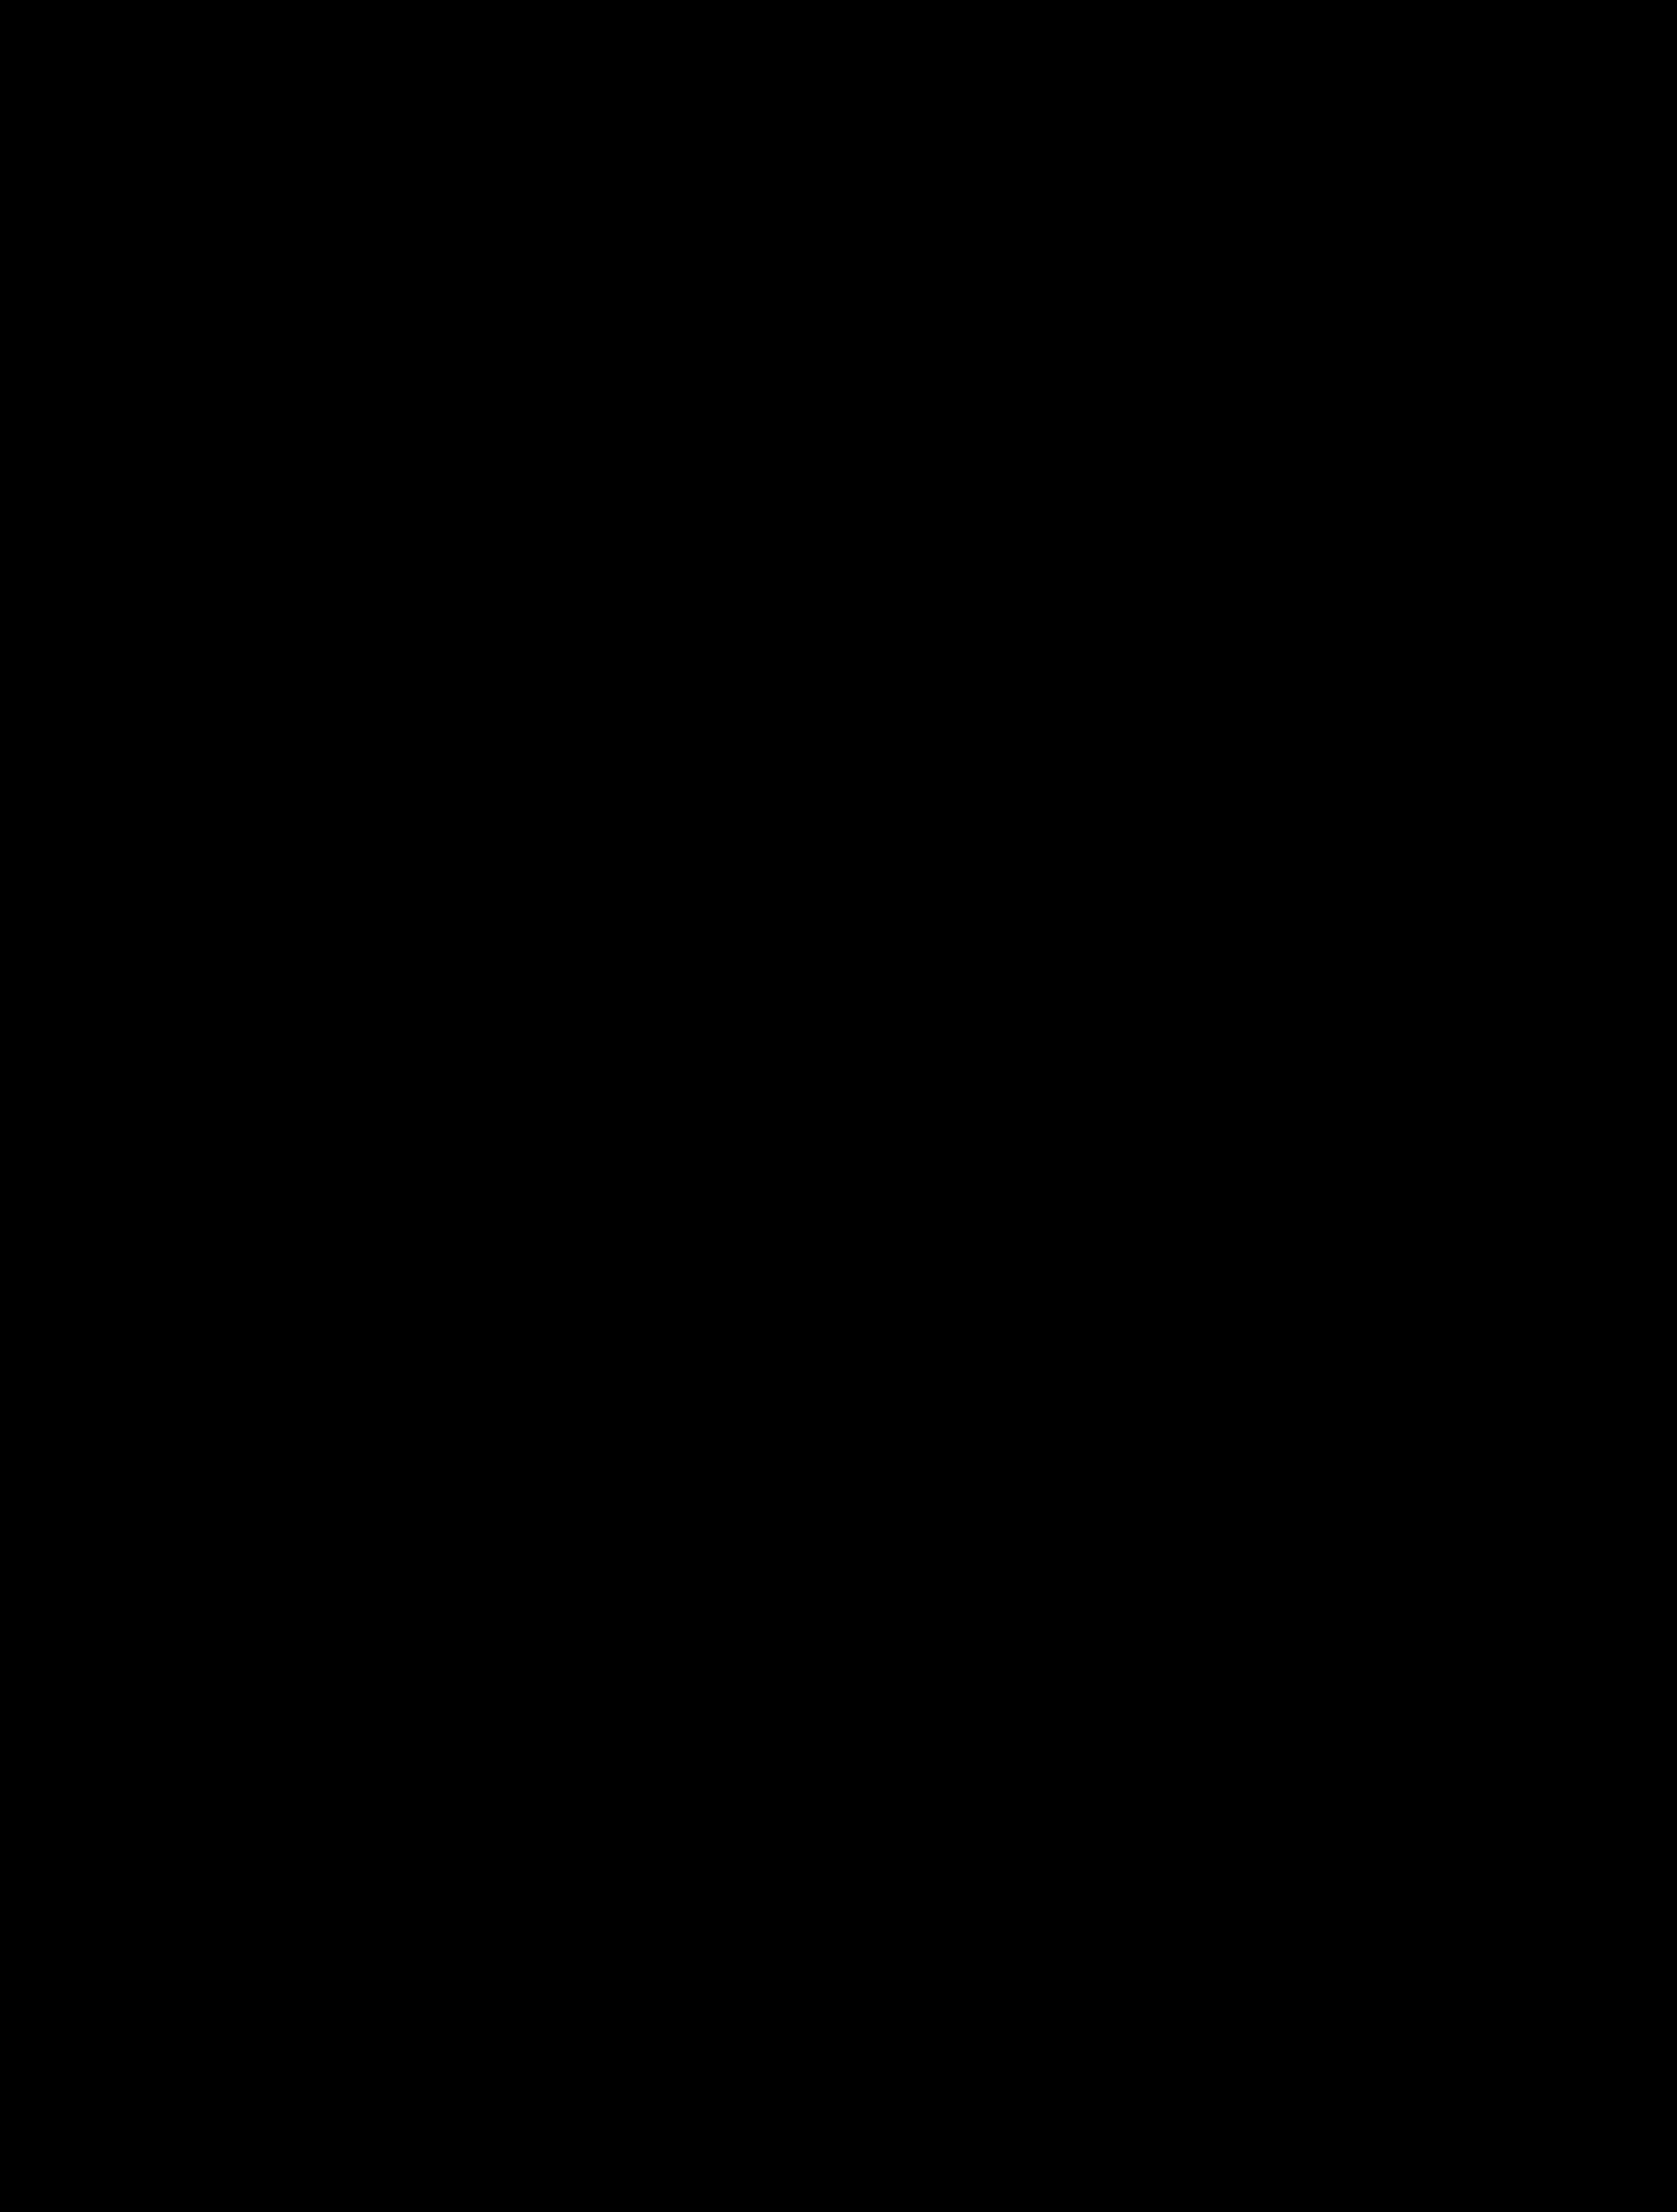 2011-04: Zonage du risque inondation - Vue d'ensemble de la Basse vallée du Var - PPRI